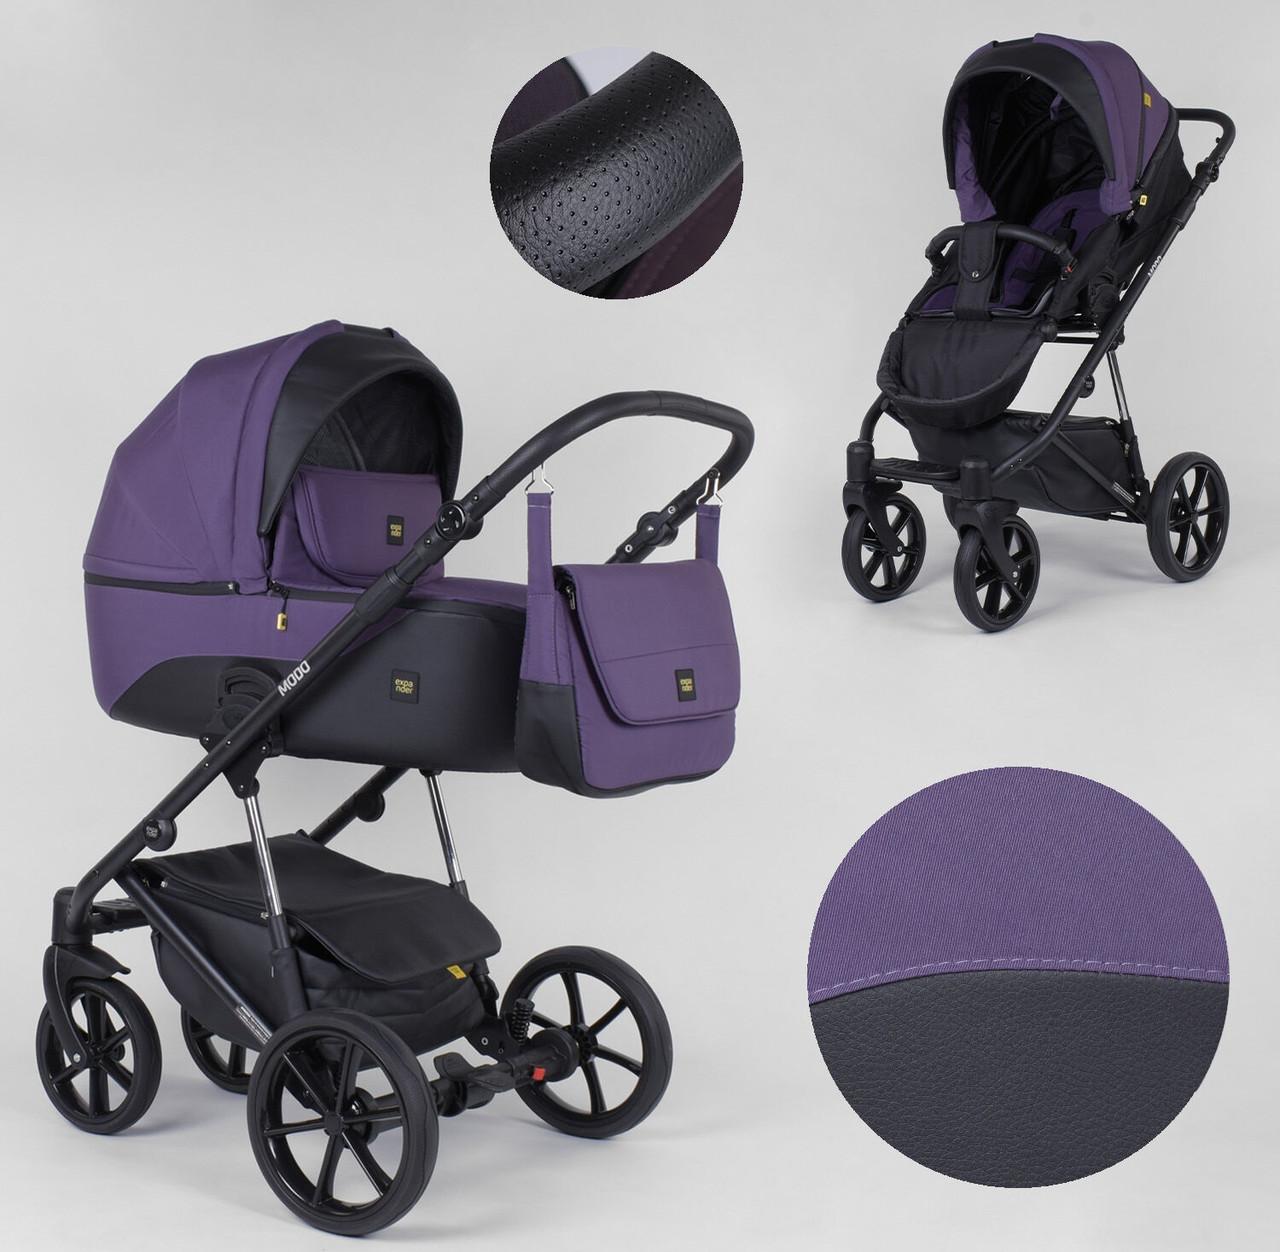 Детская коляска 2 в 1 Expander MODO M-71206 цвет plum с водоотталкивающей ткани